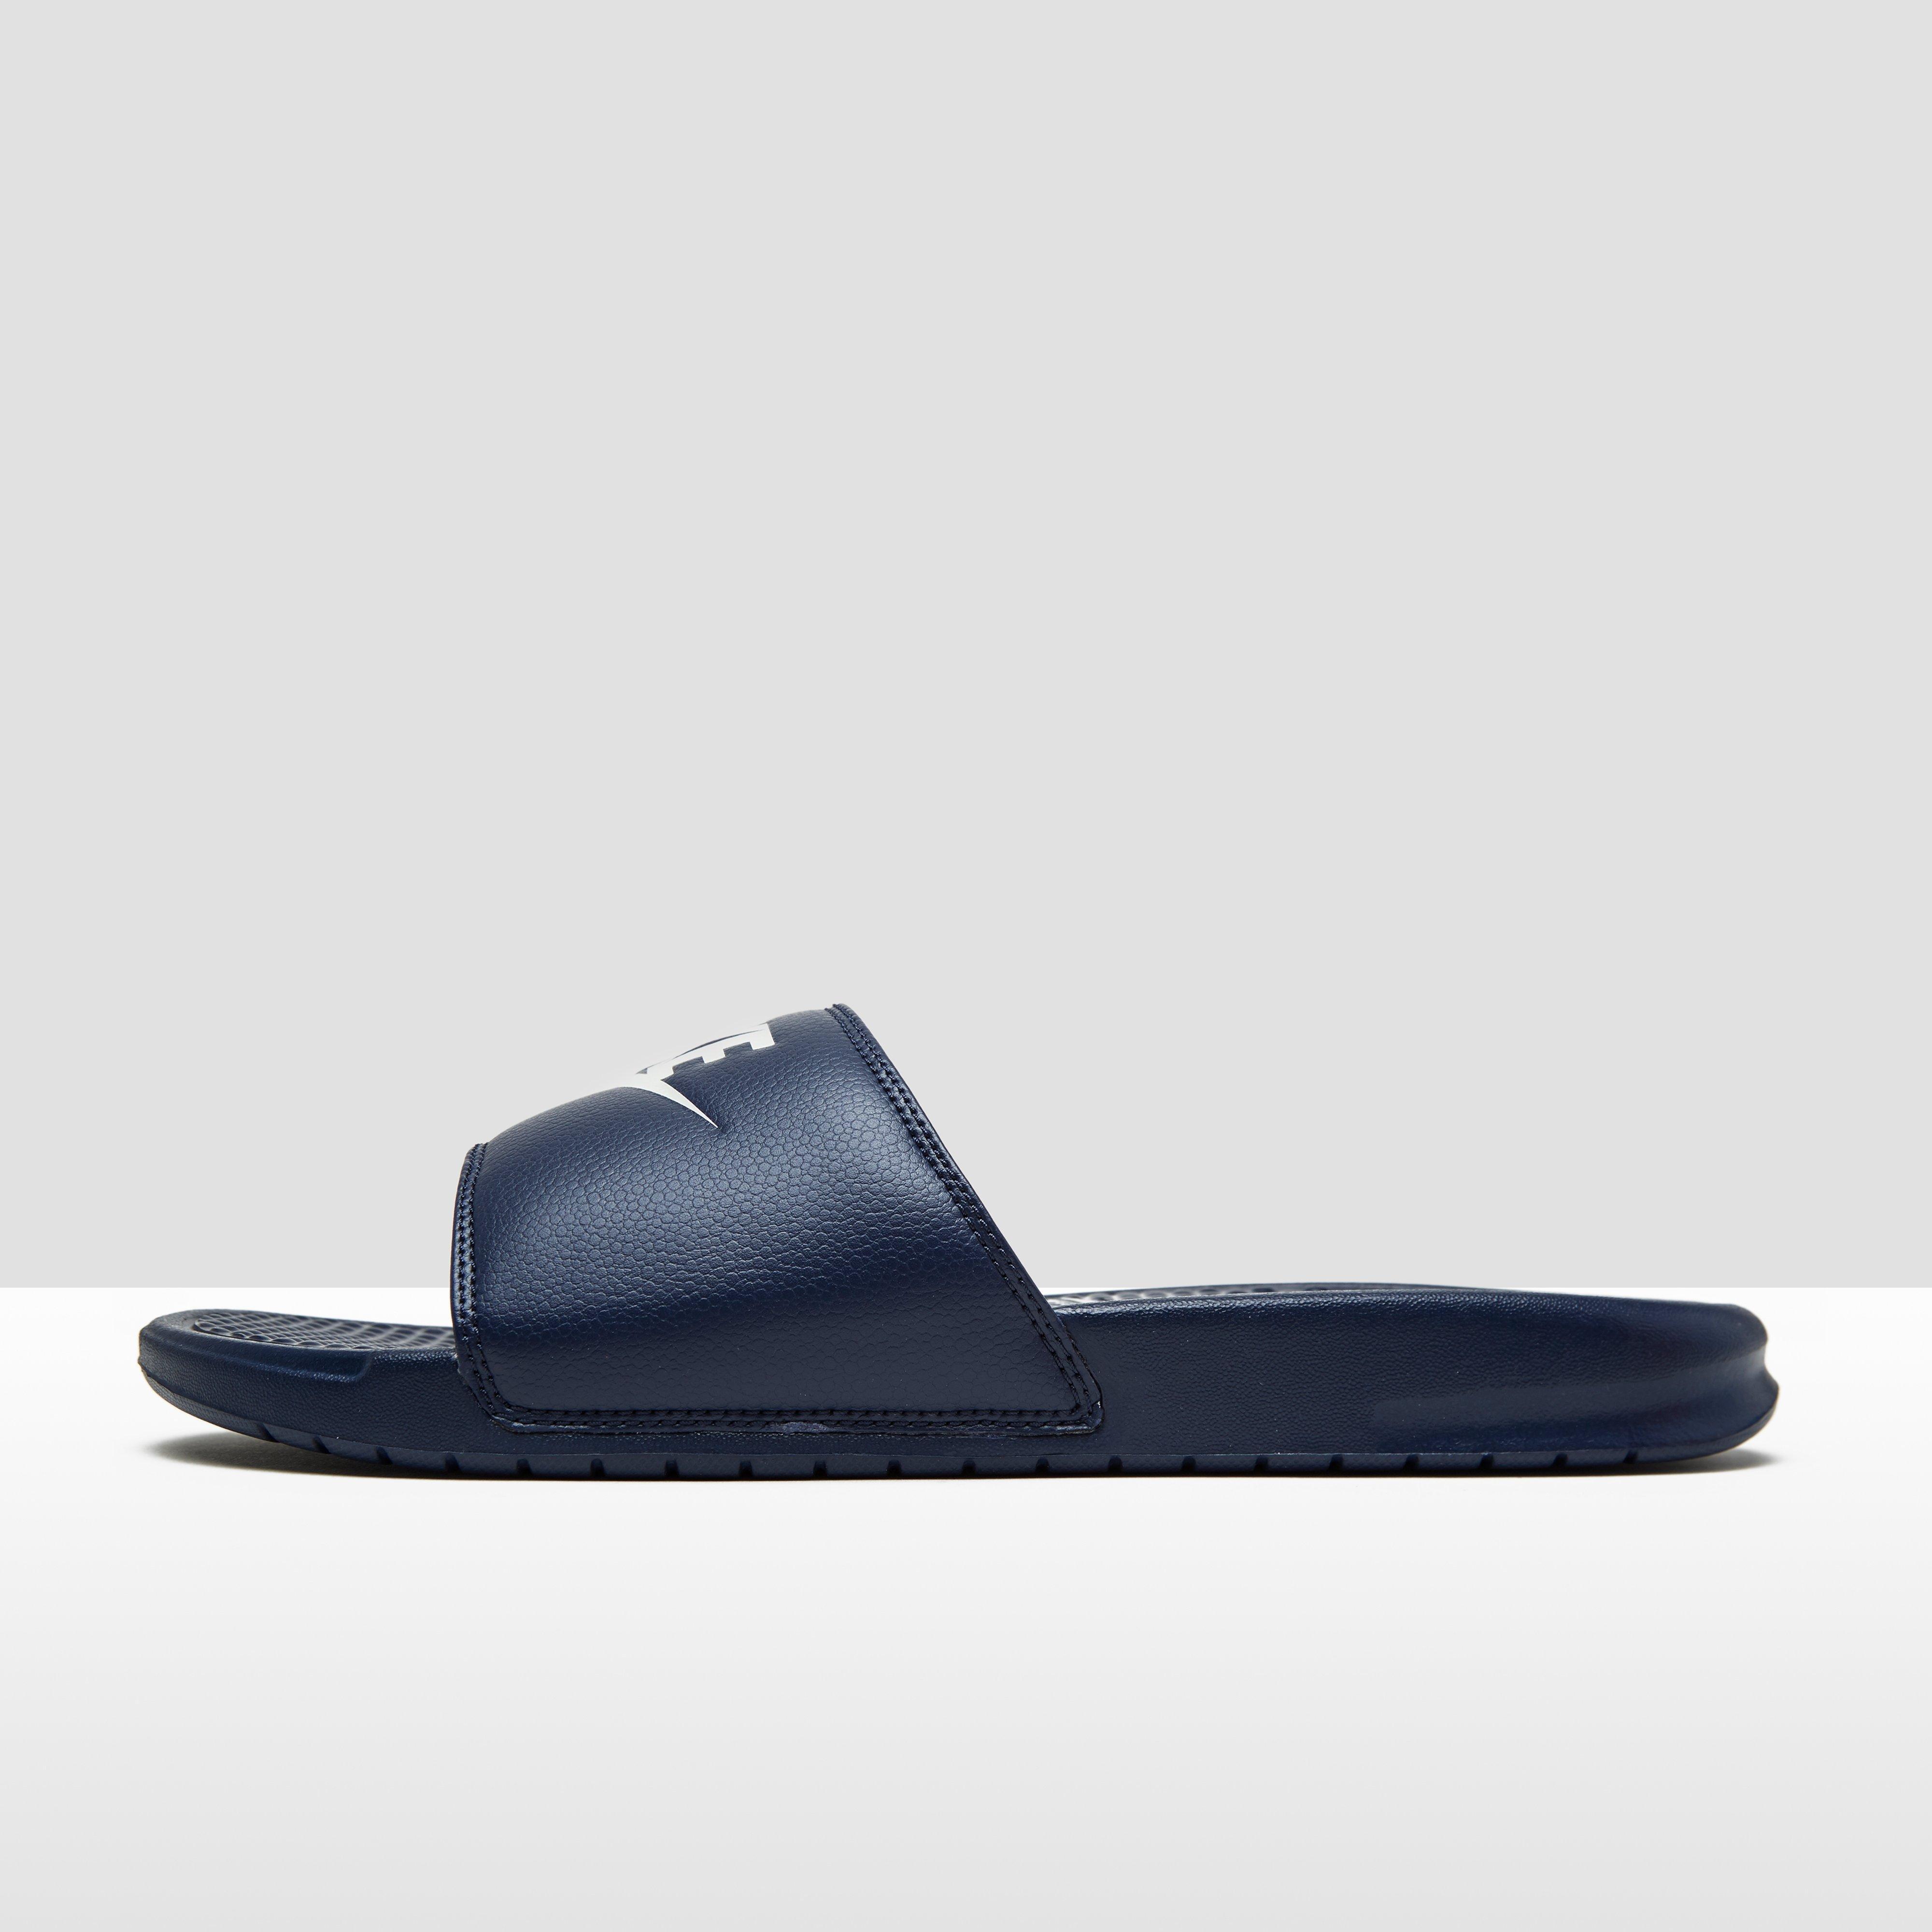 Benassi Chaussures Bleu Nike Pour Les Hommes WlTM7yl